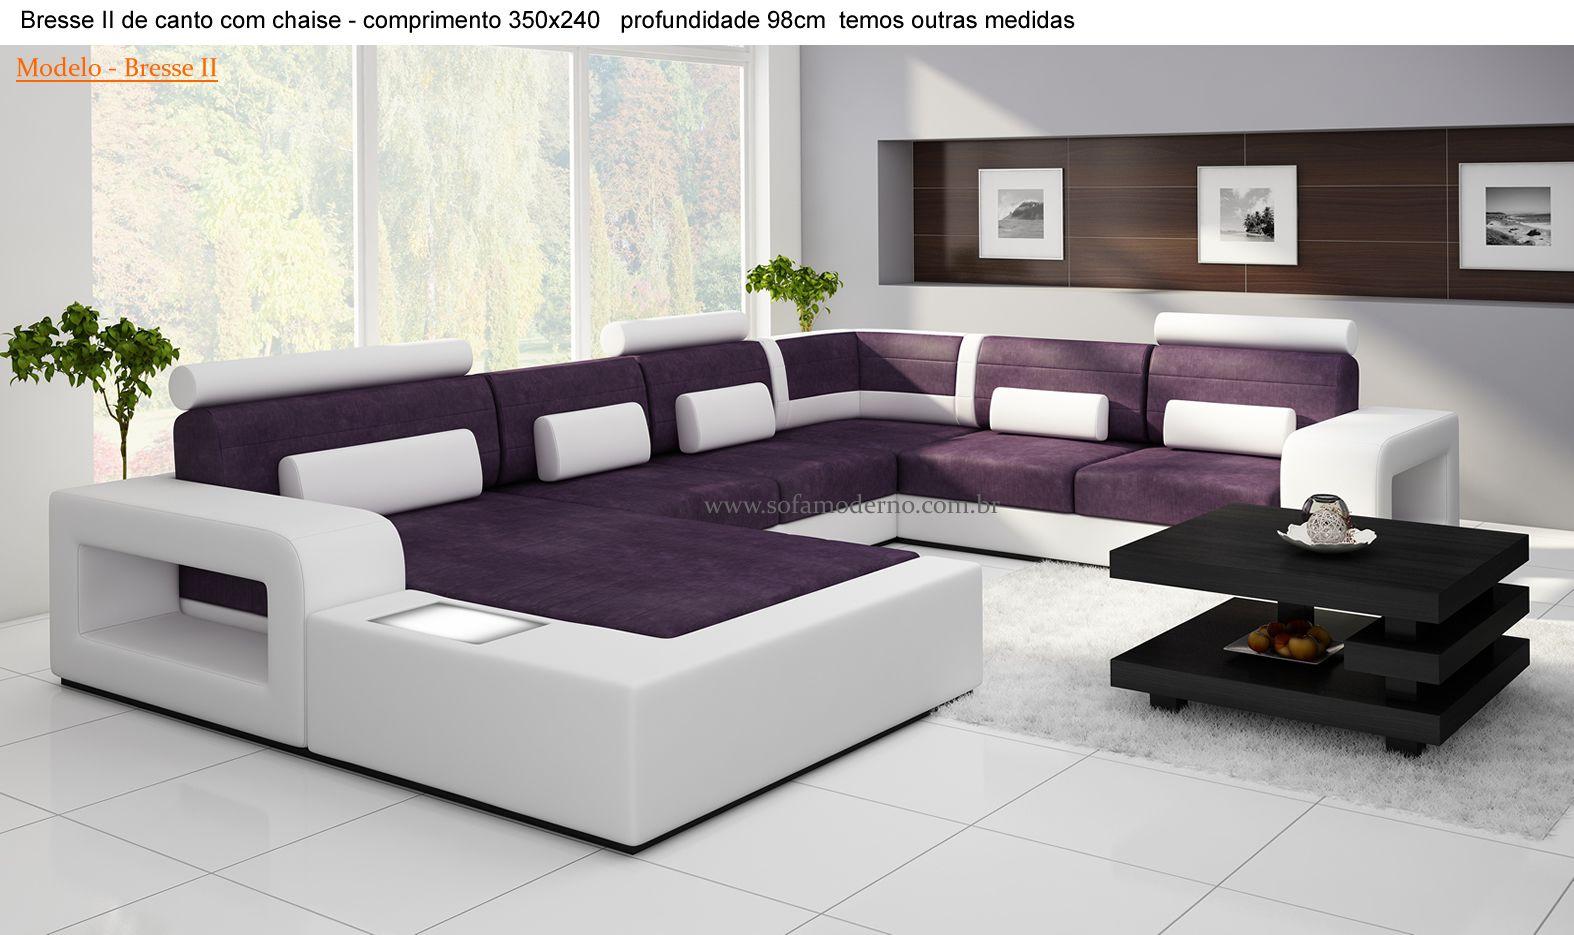 Sofas(1) (1574×935)